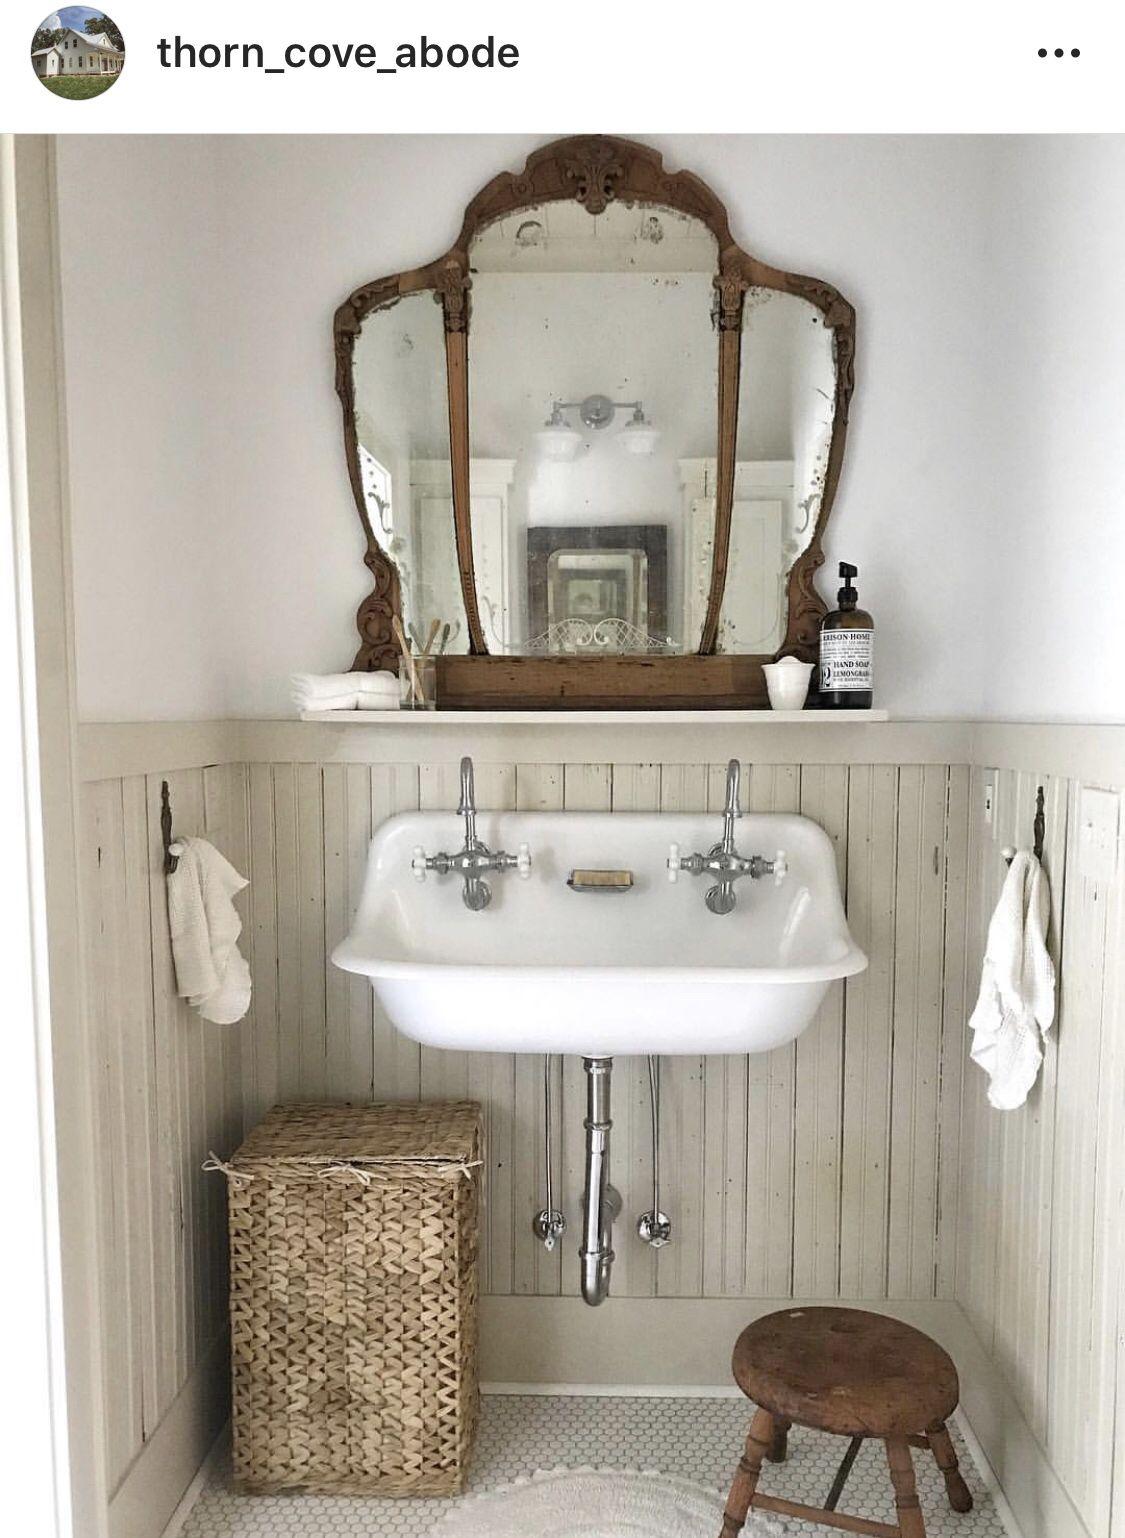 Tiny Little Farmhouse Bathroom Farmhouse Bathroom Sink Farmhouse Bathroom Decor House Bathroom Bathroom Decor